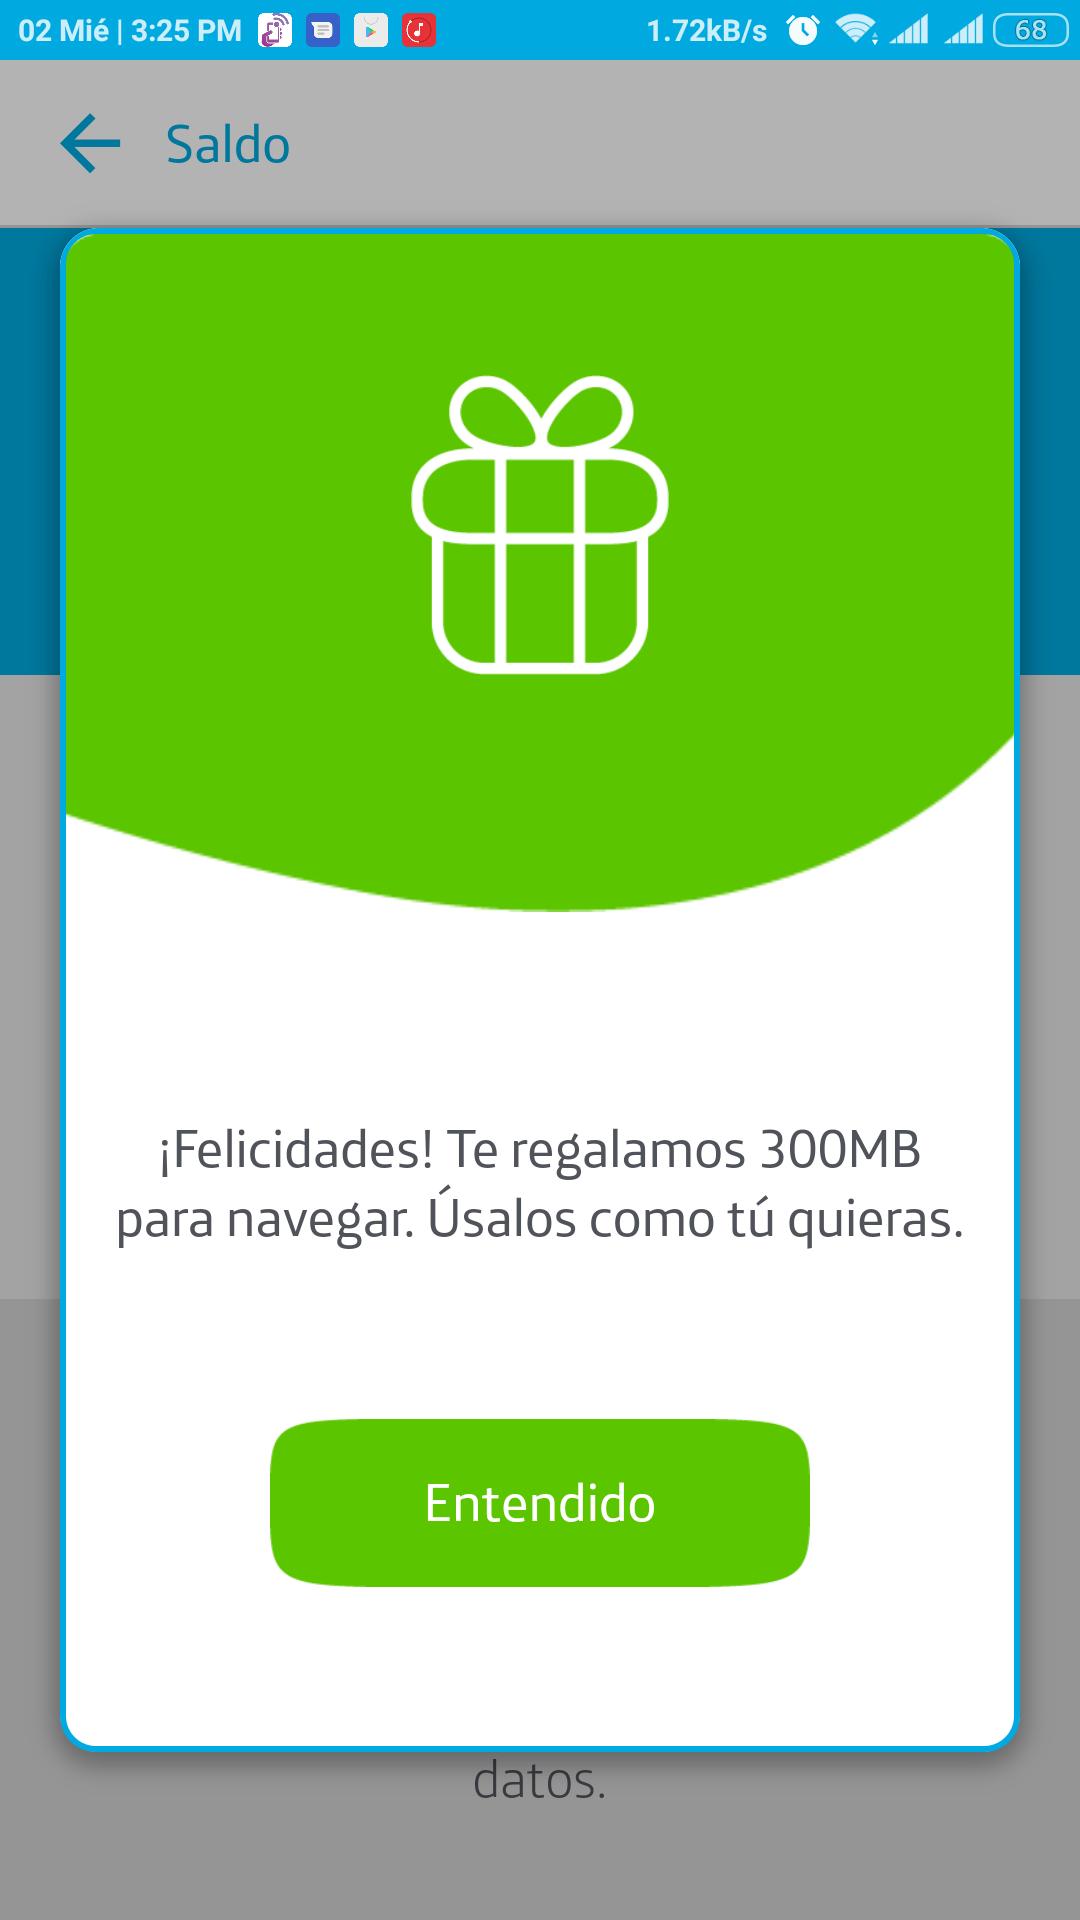 300 MB gratis al descargar la aplicación de Movistar